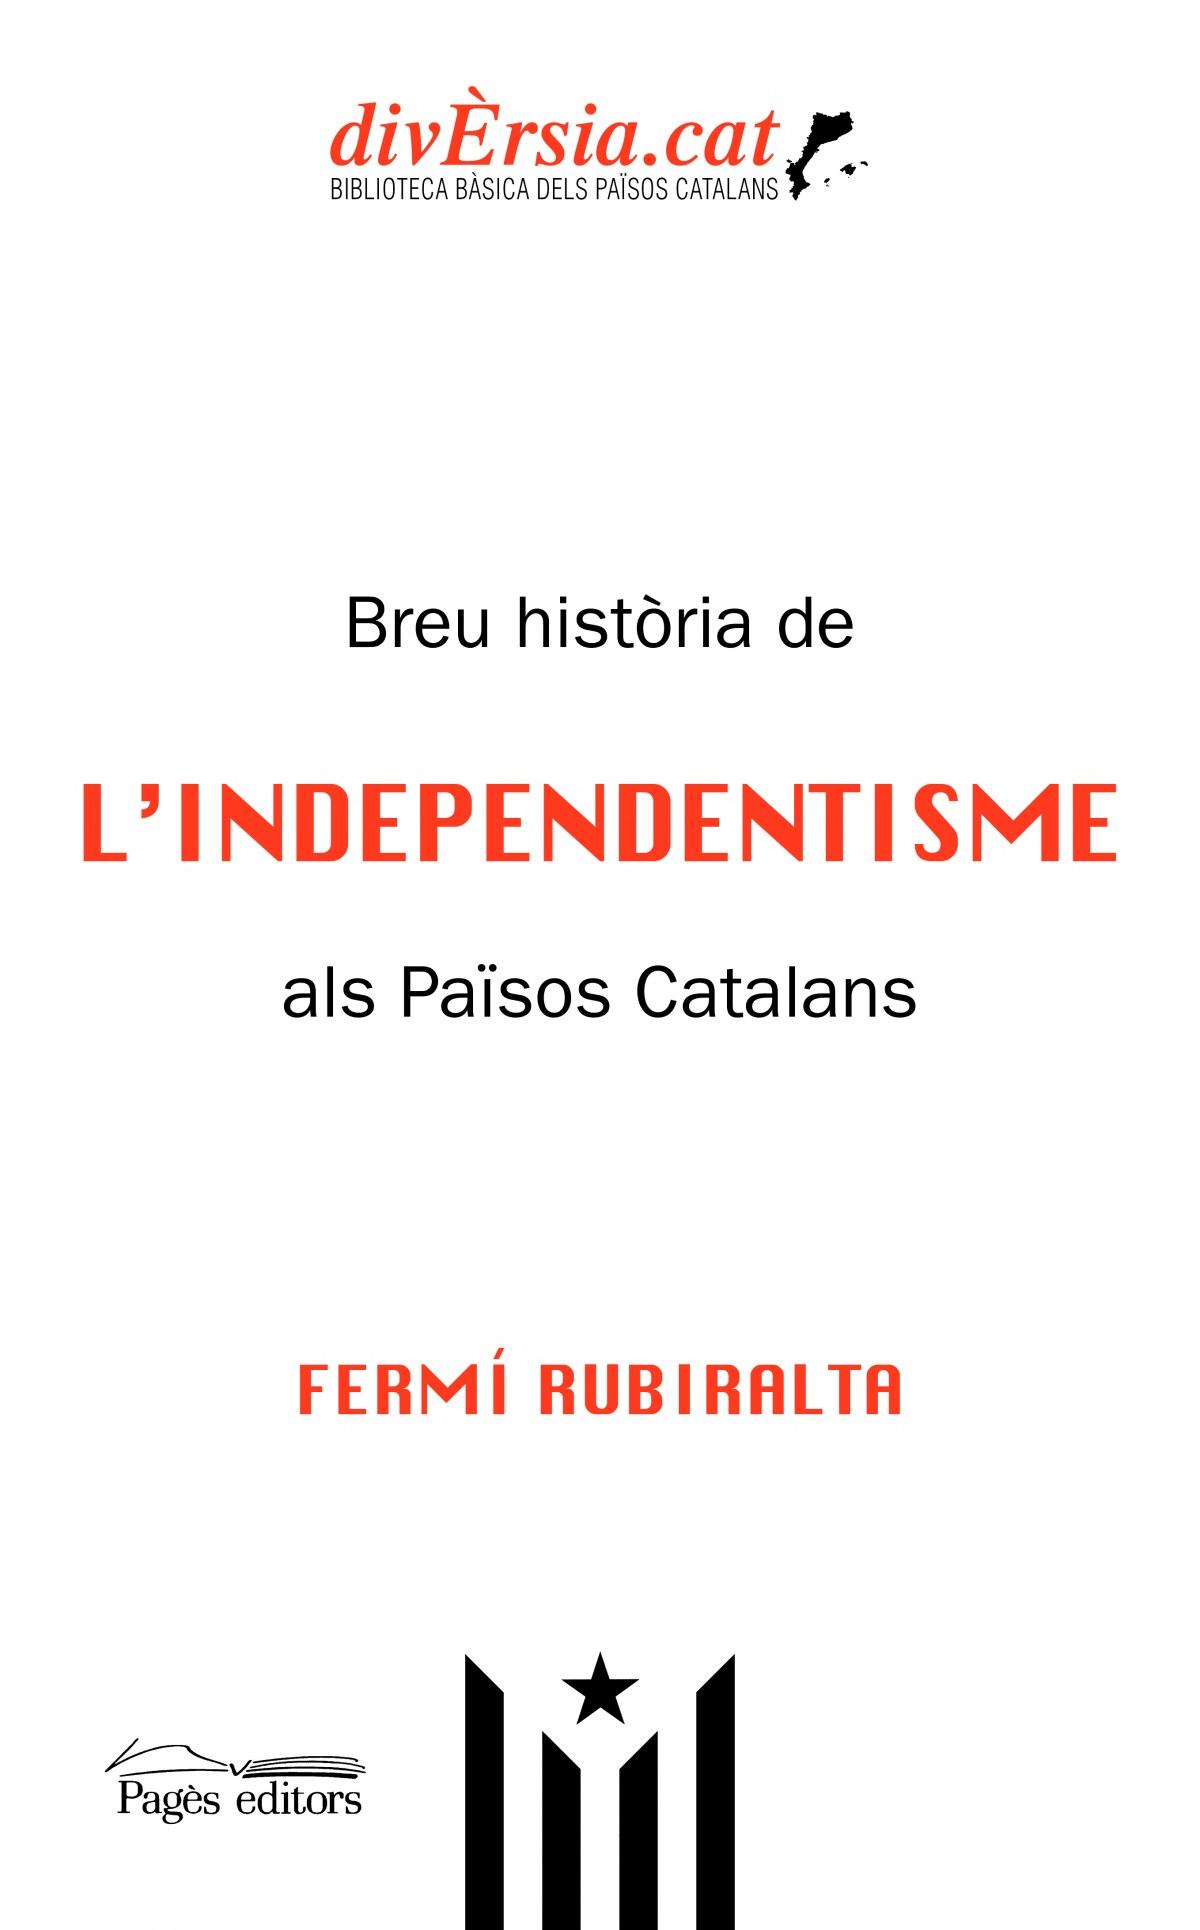 Breu història de l'Independentisme als Països Catalans